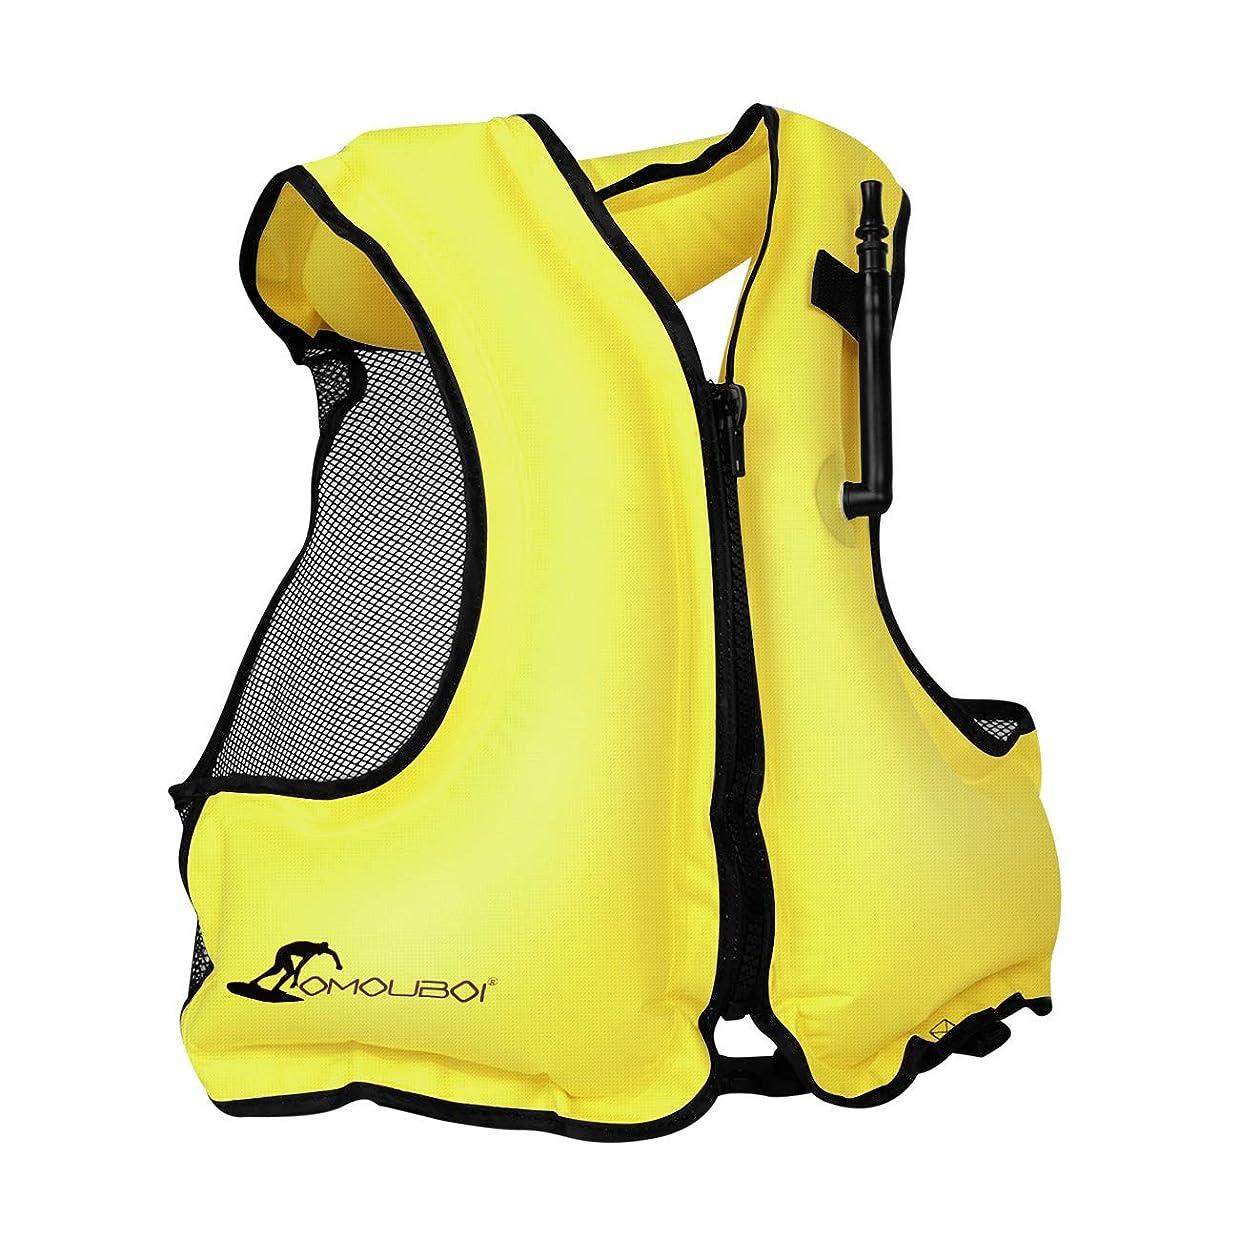 震える自信があるピストンKEBIK ライフジャケット インフレータブルベスト フローティン グベスト 救命胴衣 手動膨張式 超浮力 大人子供用 ウォータースポ ーツ シュノーケリング 川 海 水泳 プール アウトドアなど